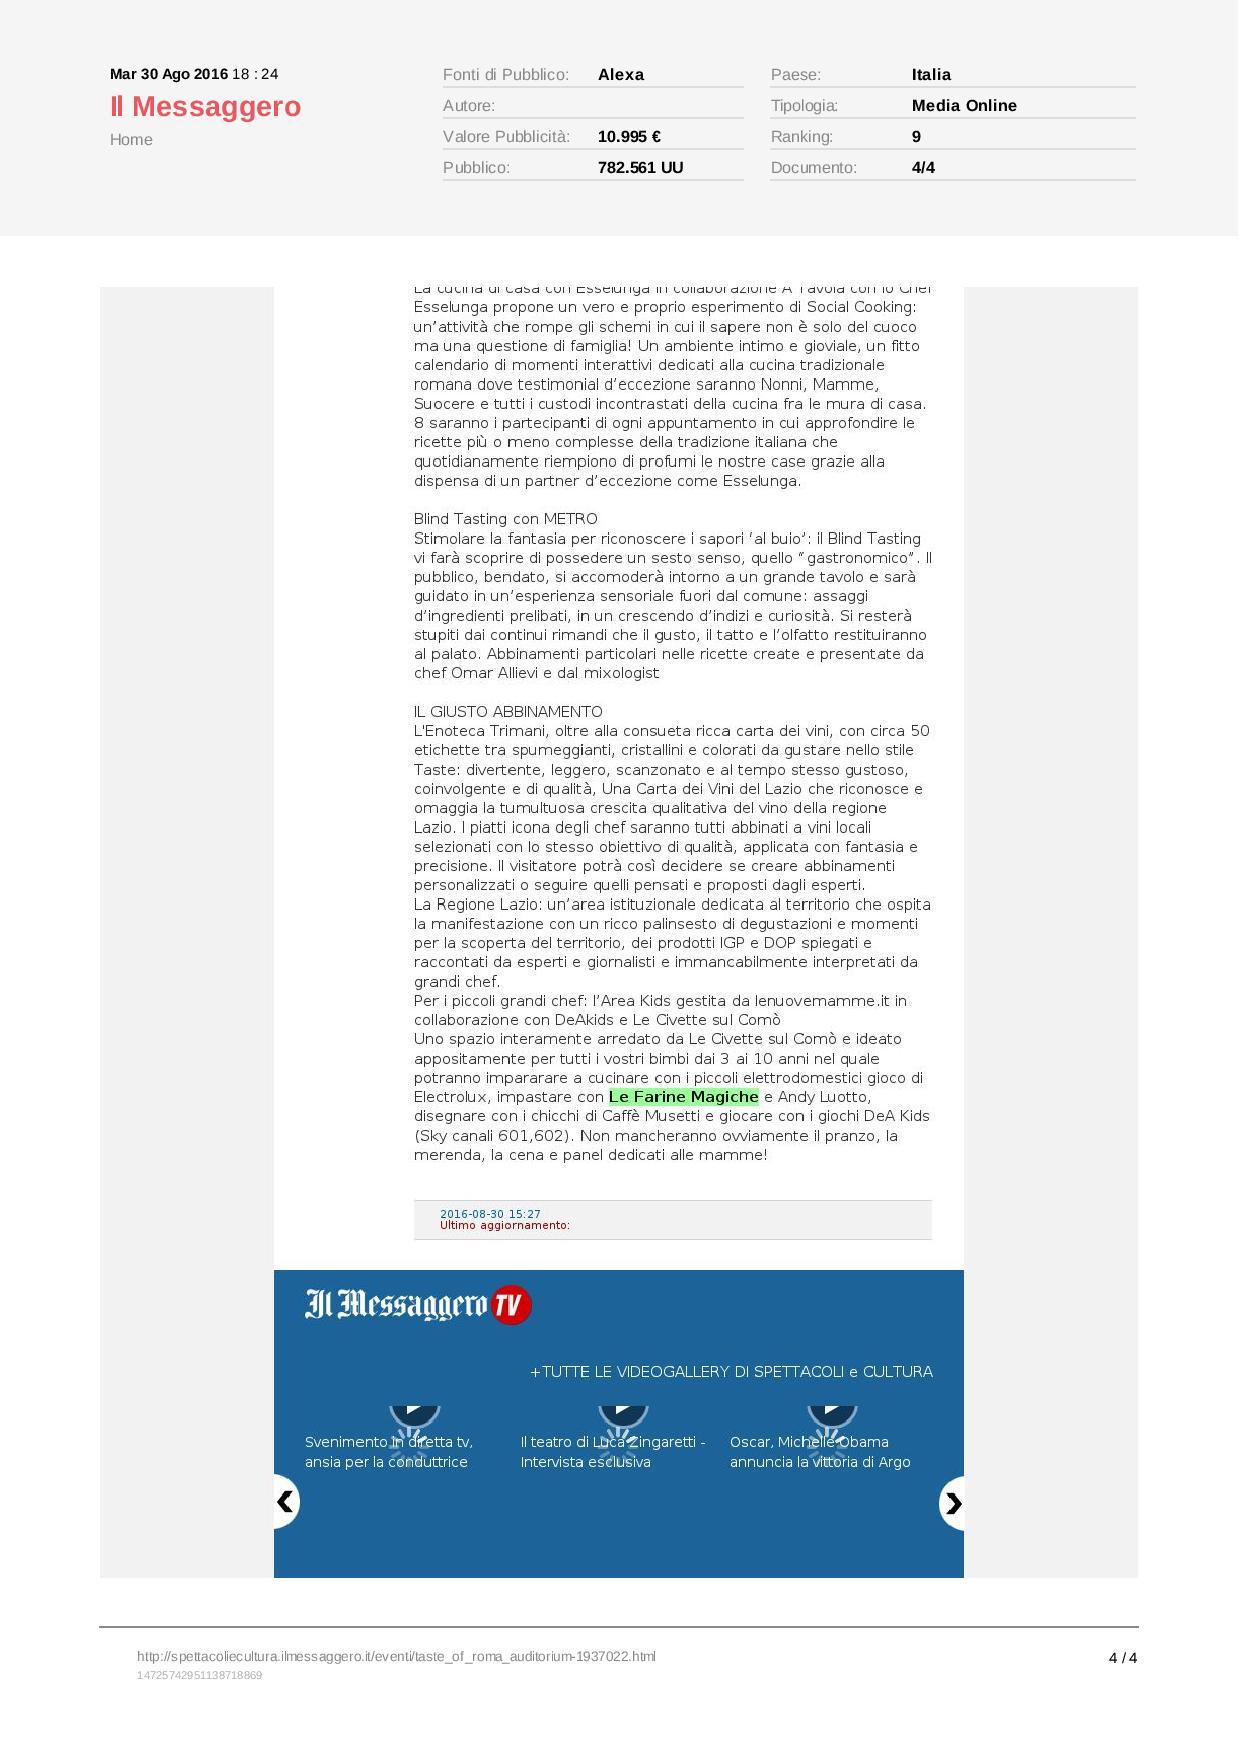 30.08.16_spettacoliecultura.ilmessaggero.it-page-004